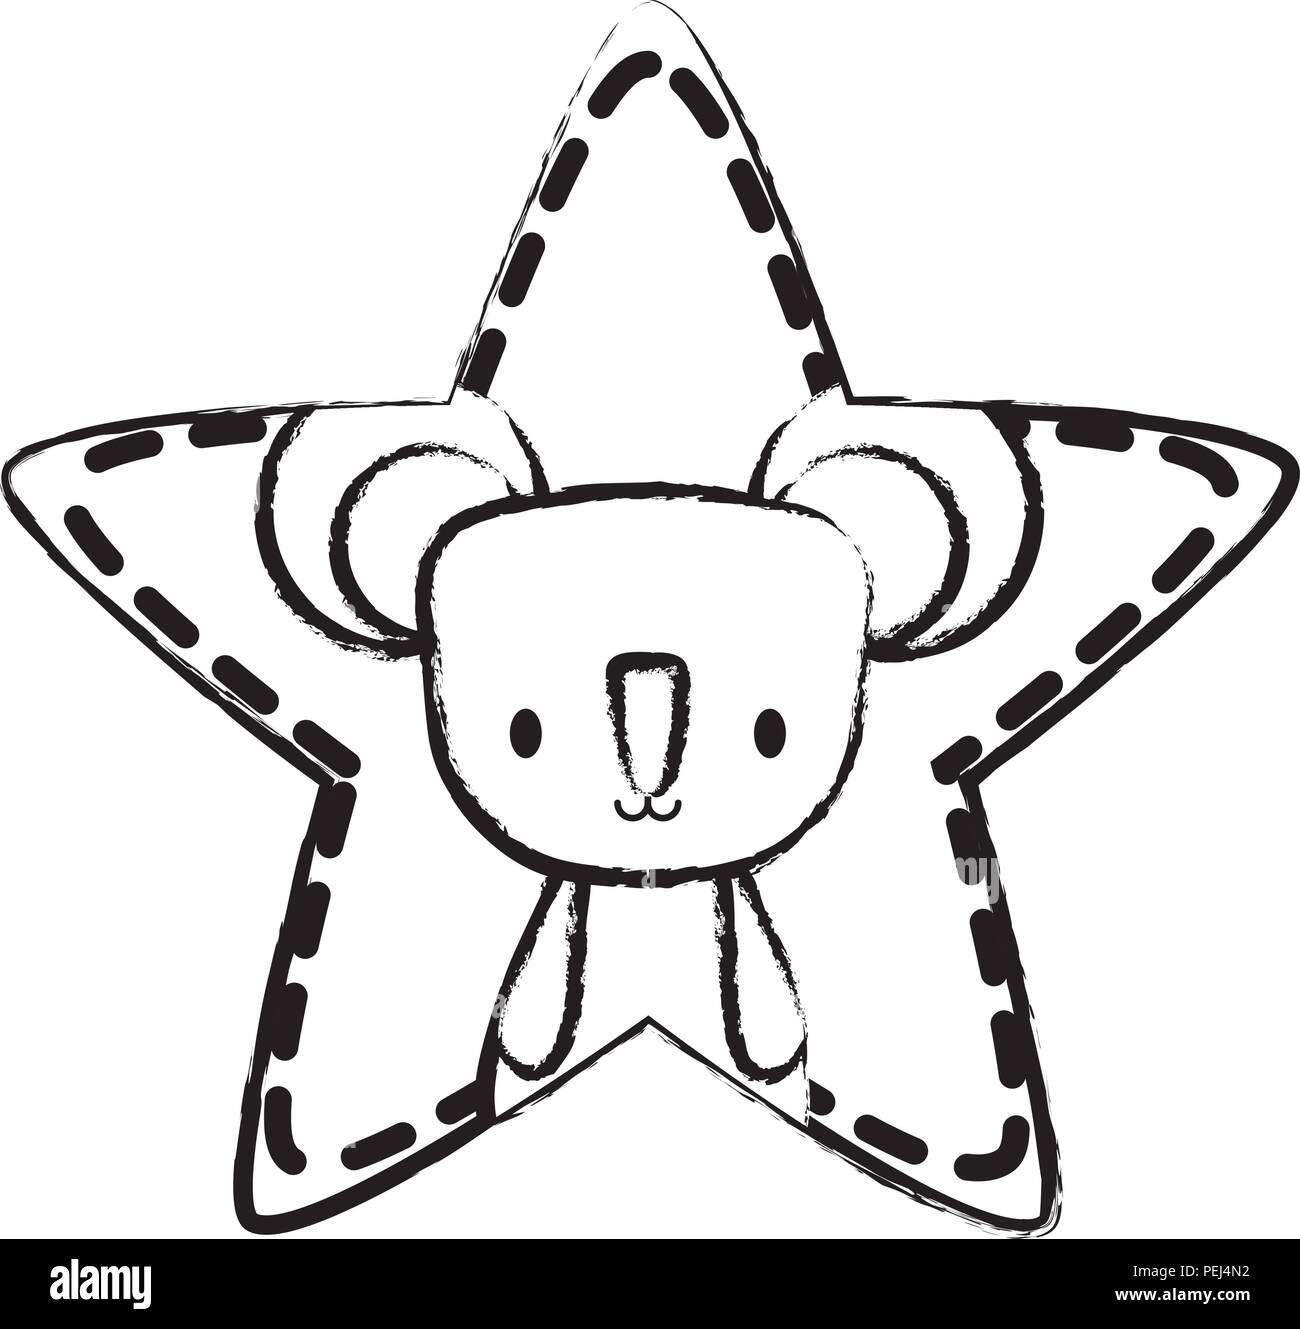 cute koala in star shape over white background, vector illustration - Stock Image